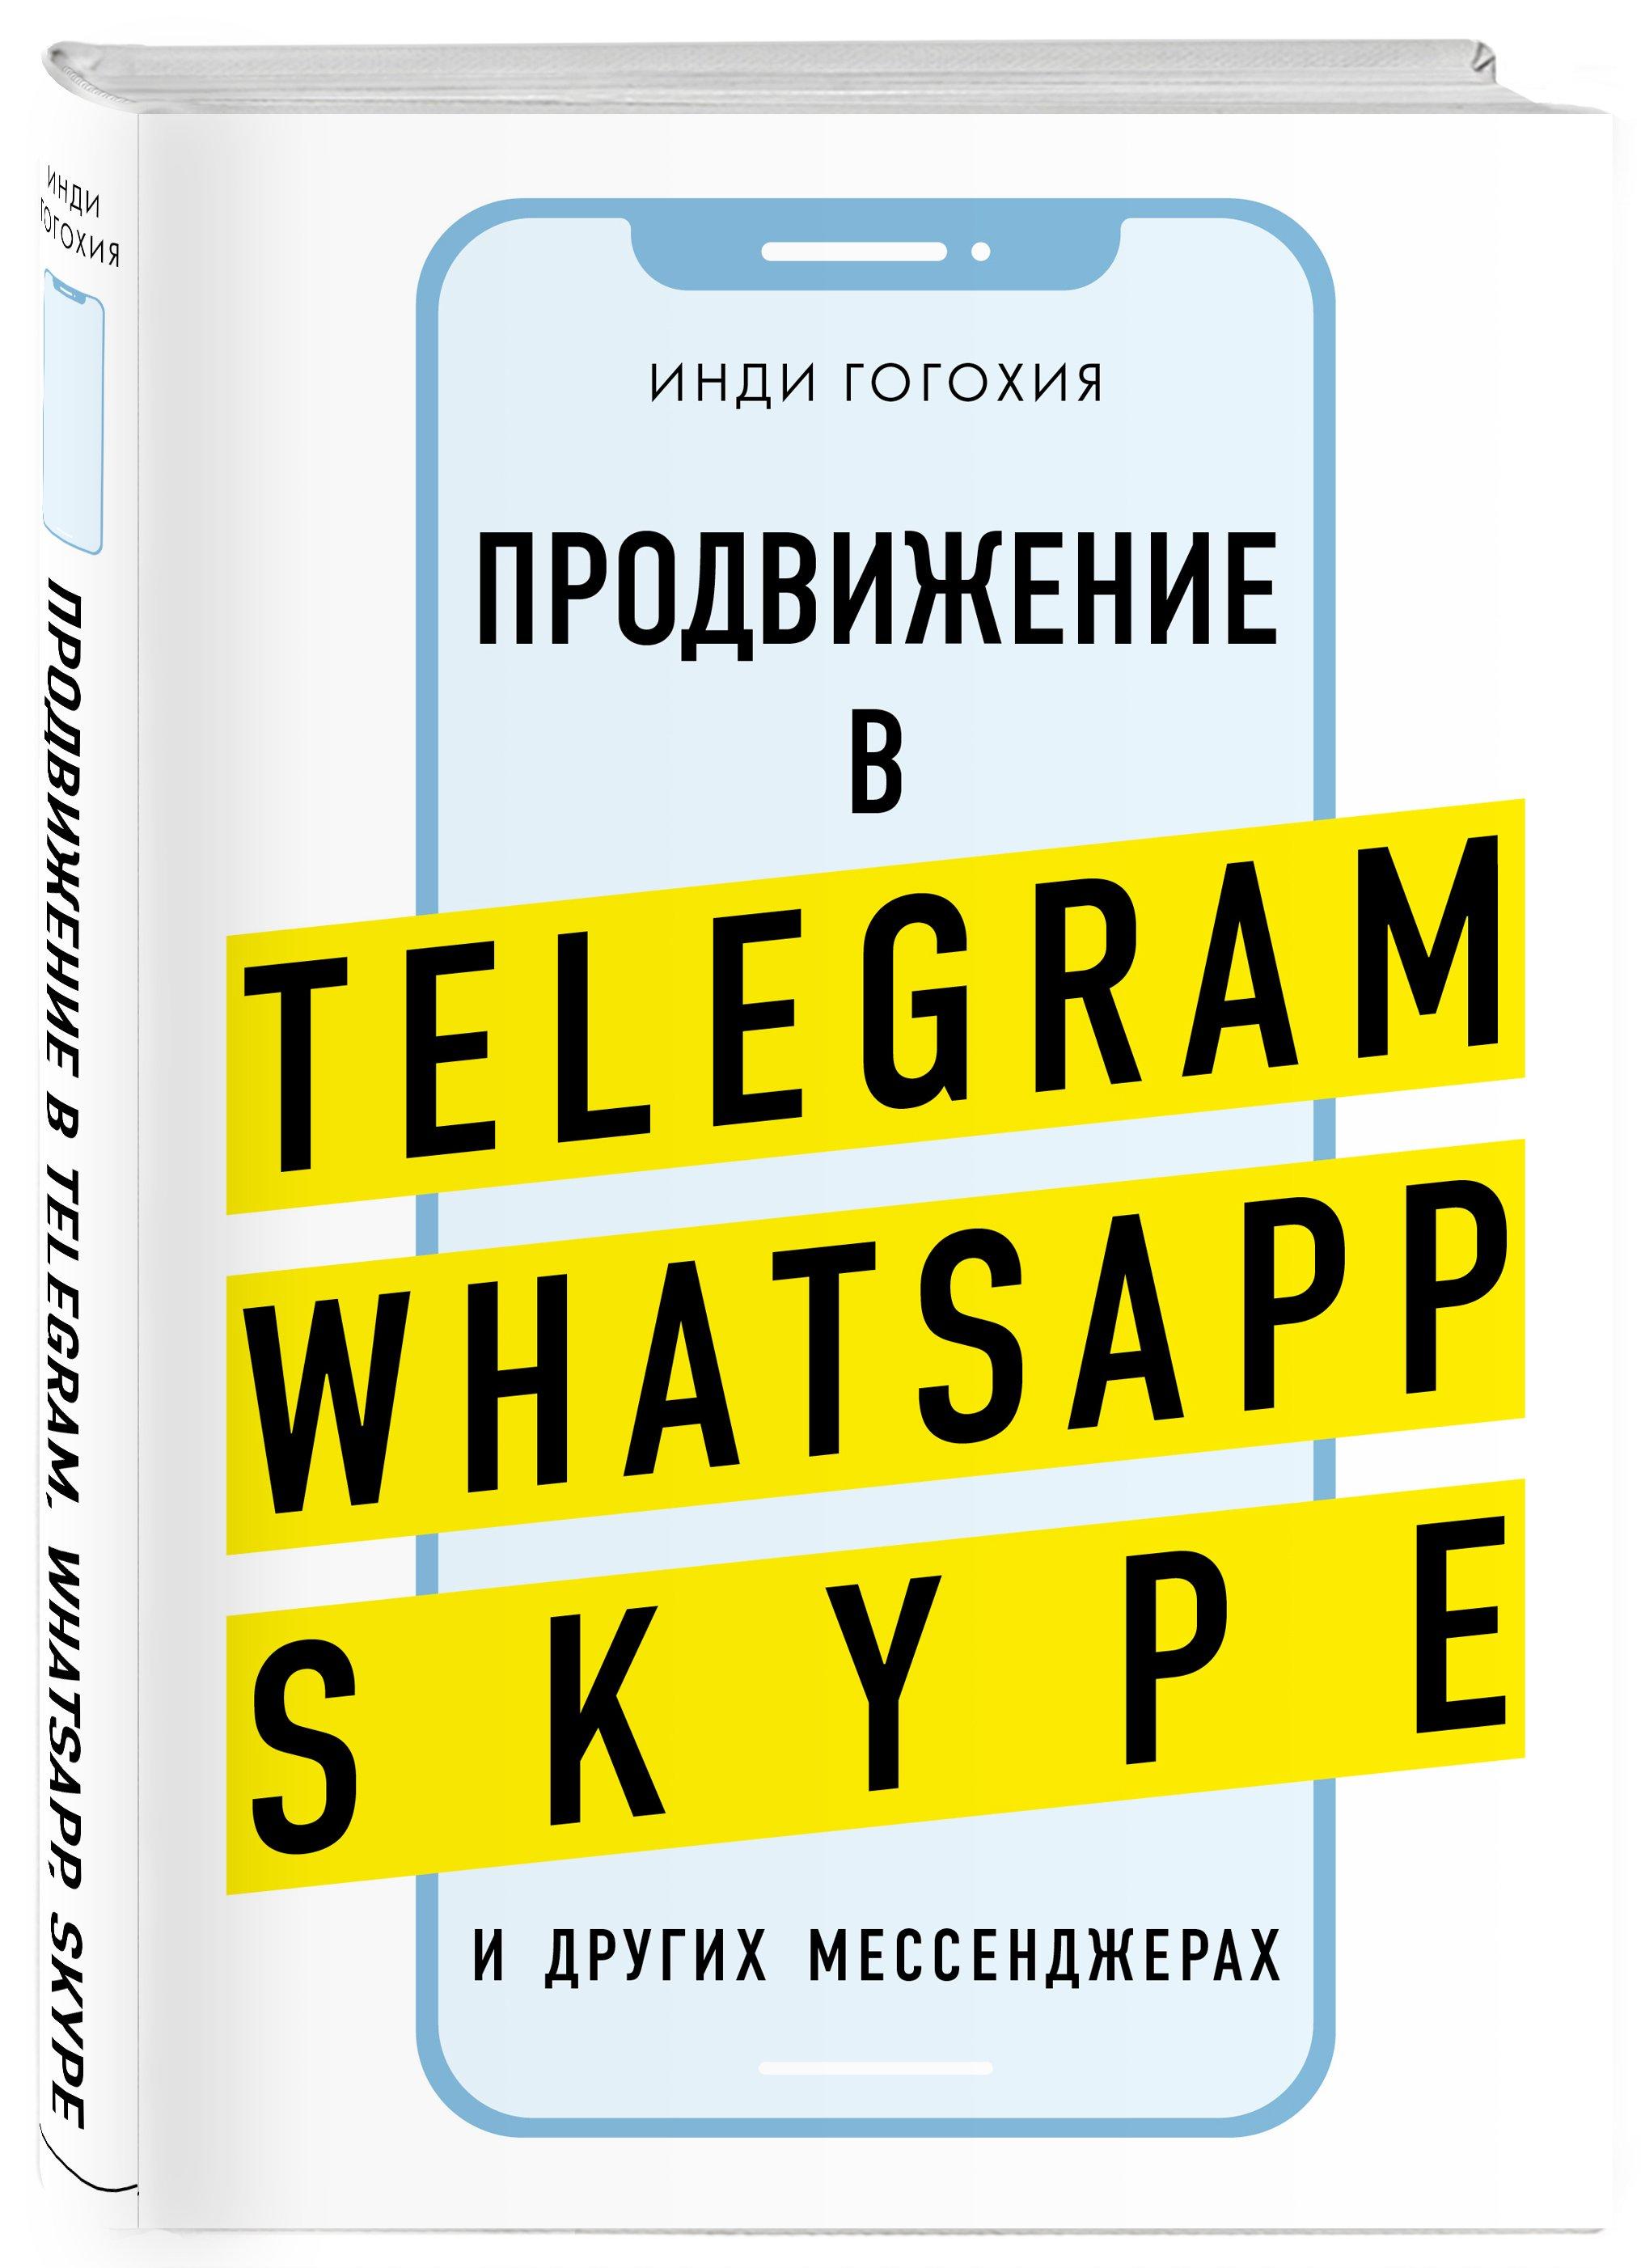 Продвижение в Telegram, WhatsApp, Skype и других мессенджерах (супер) ( Гогохия Инди  )